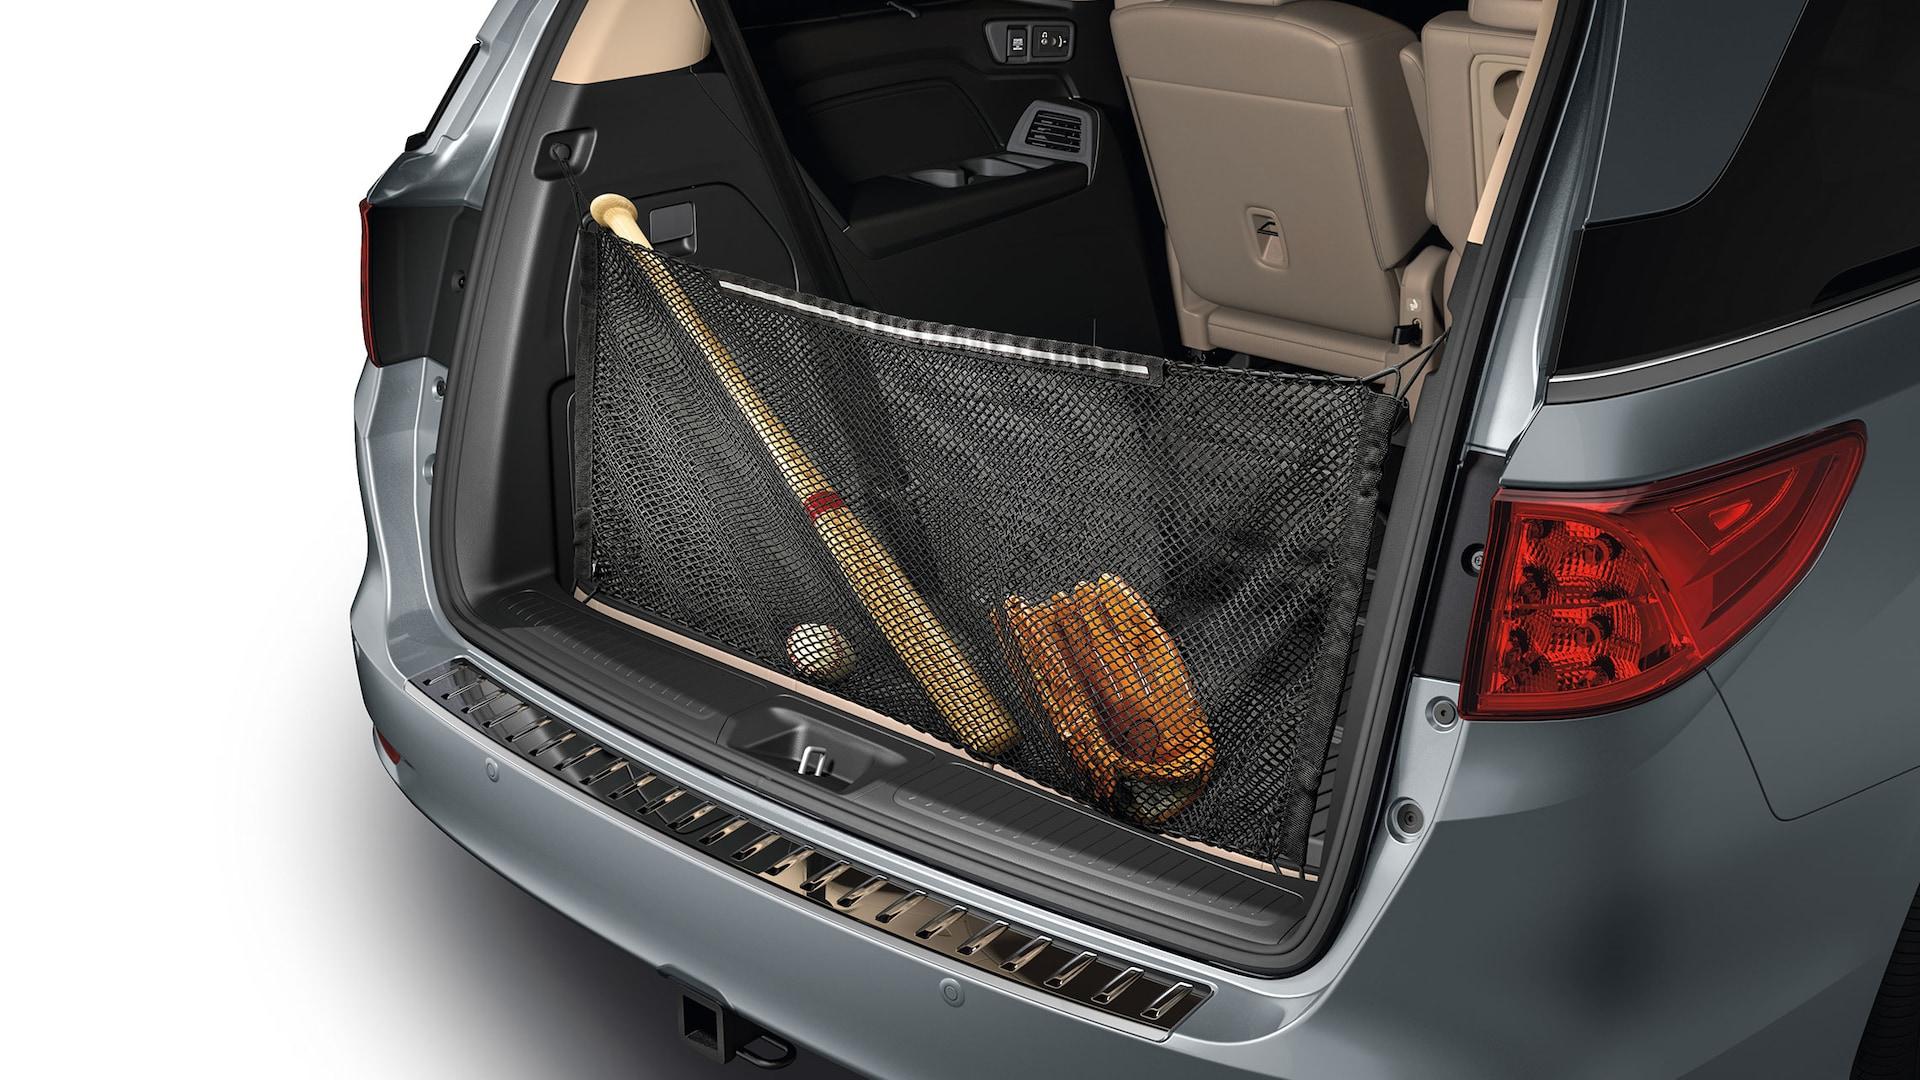 Detalle del accesorio de red para carga de la Honda Odyssey2020.